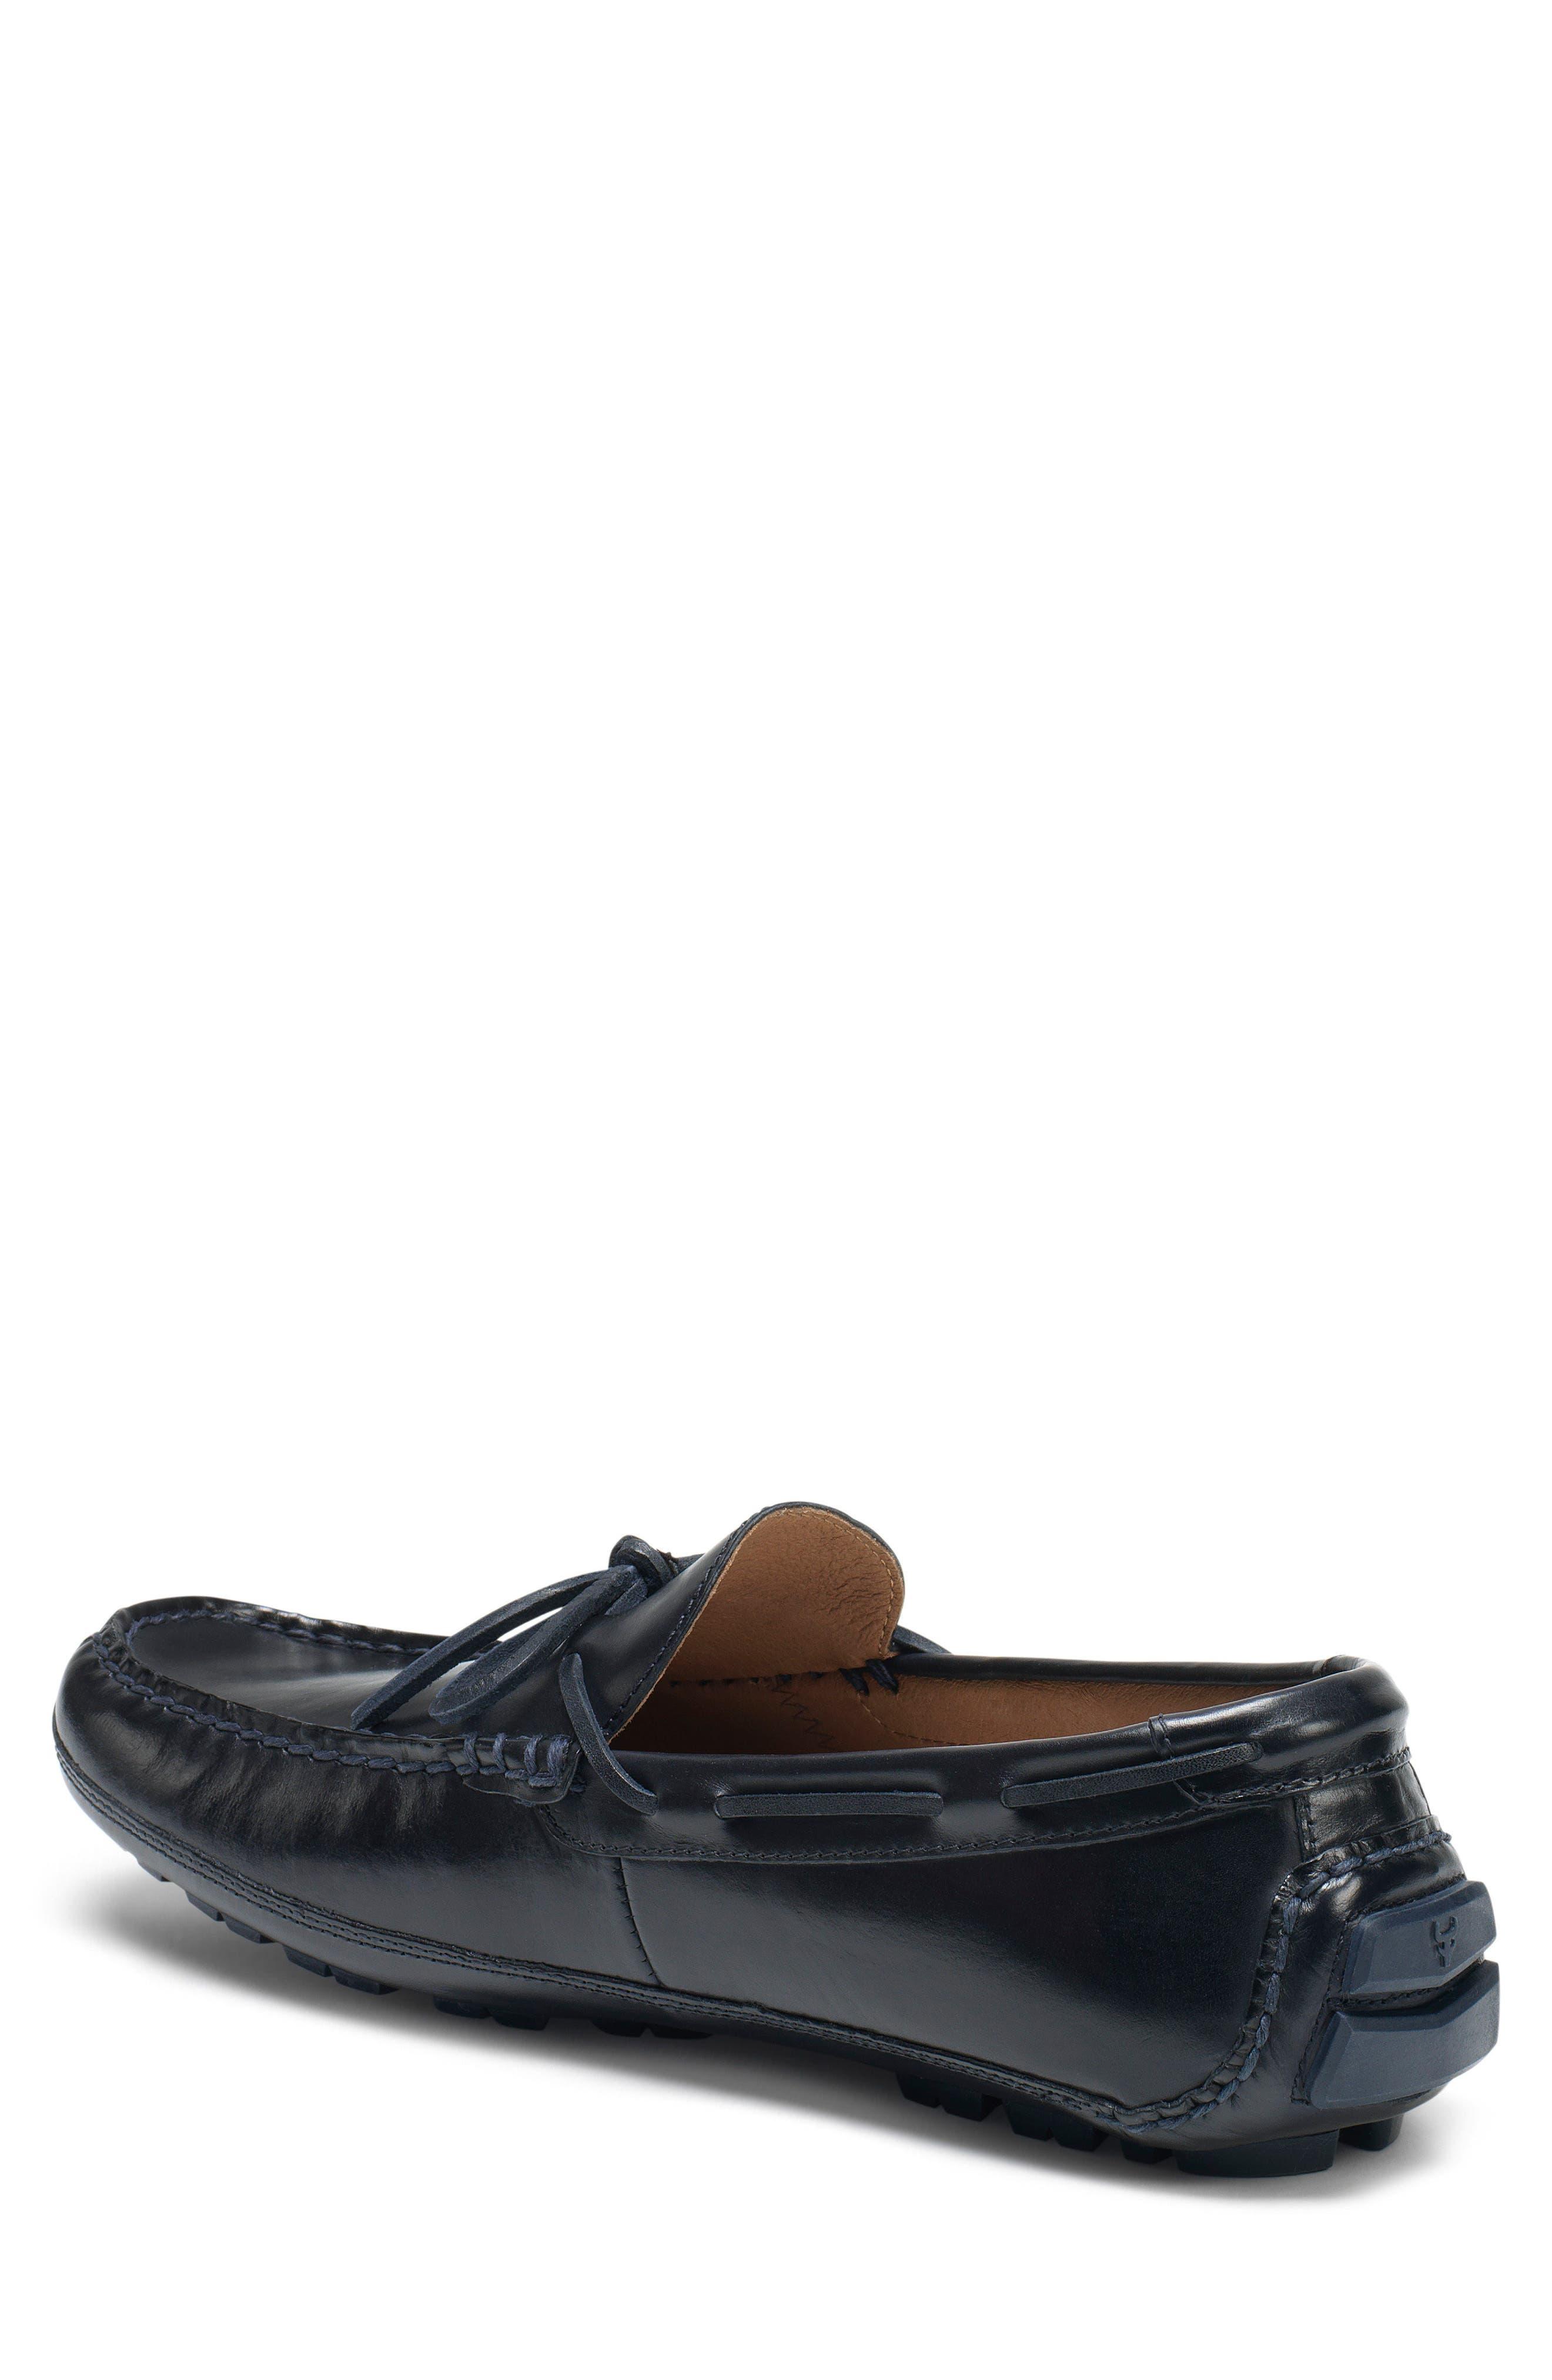 Alternate Image 2  - Trask Dillion Driving Loafer (Men)